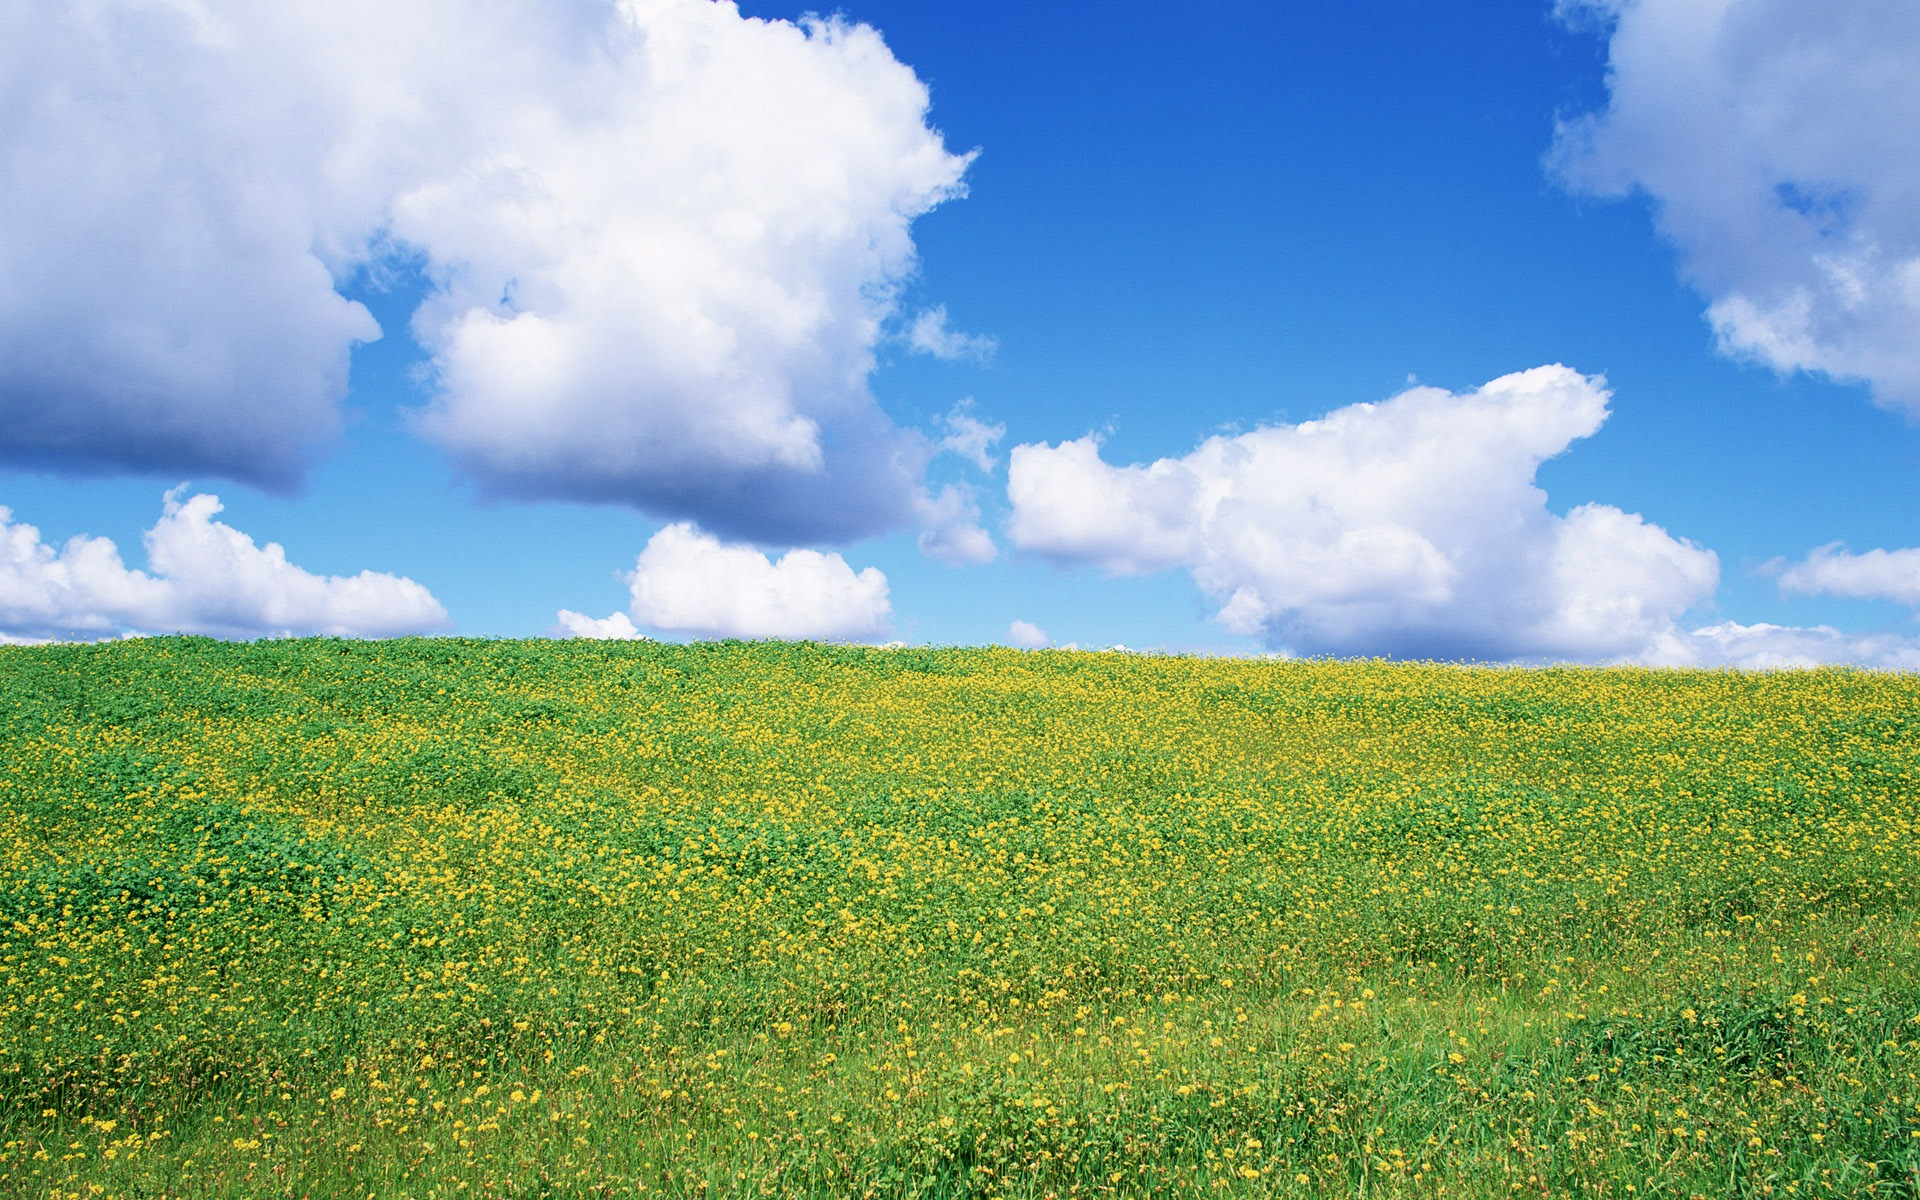 Blauer Himmel Wallpaper Blauer Himmel Weiße Wolken